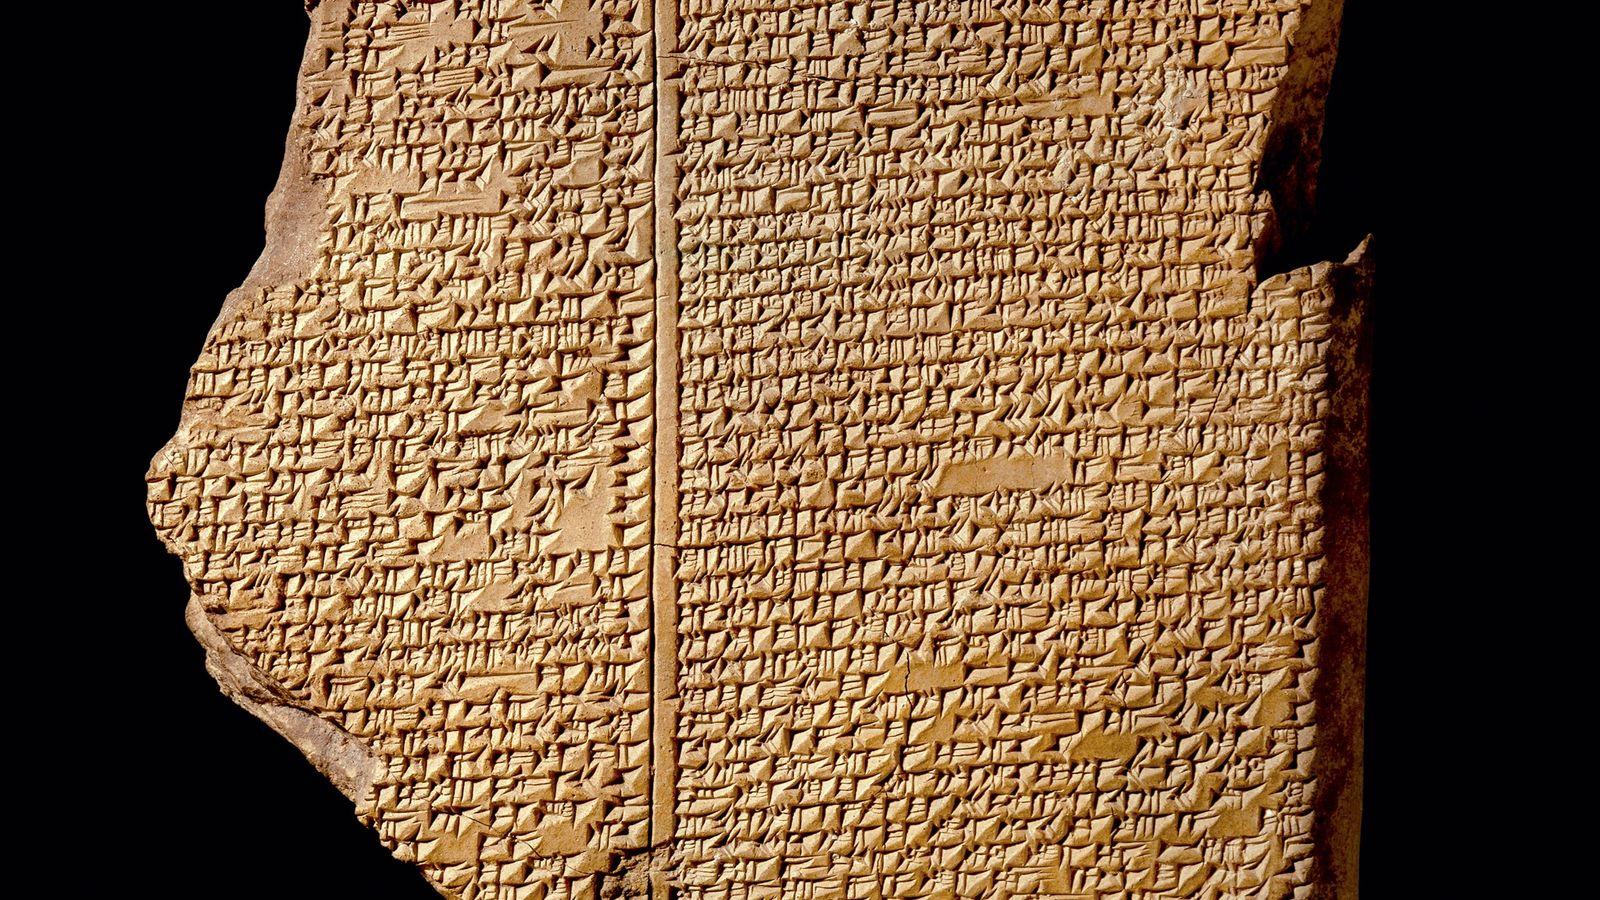 L'une des tablettes de Gilgamesh, semblable à celle récemment restituée au peuple irakien. Ici, la Tablette ...